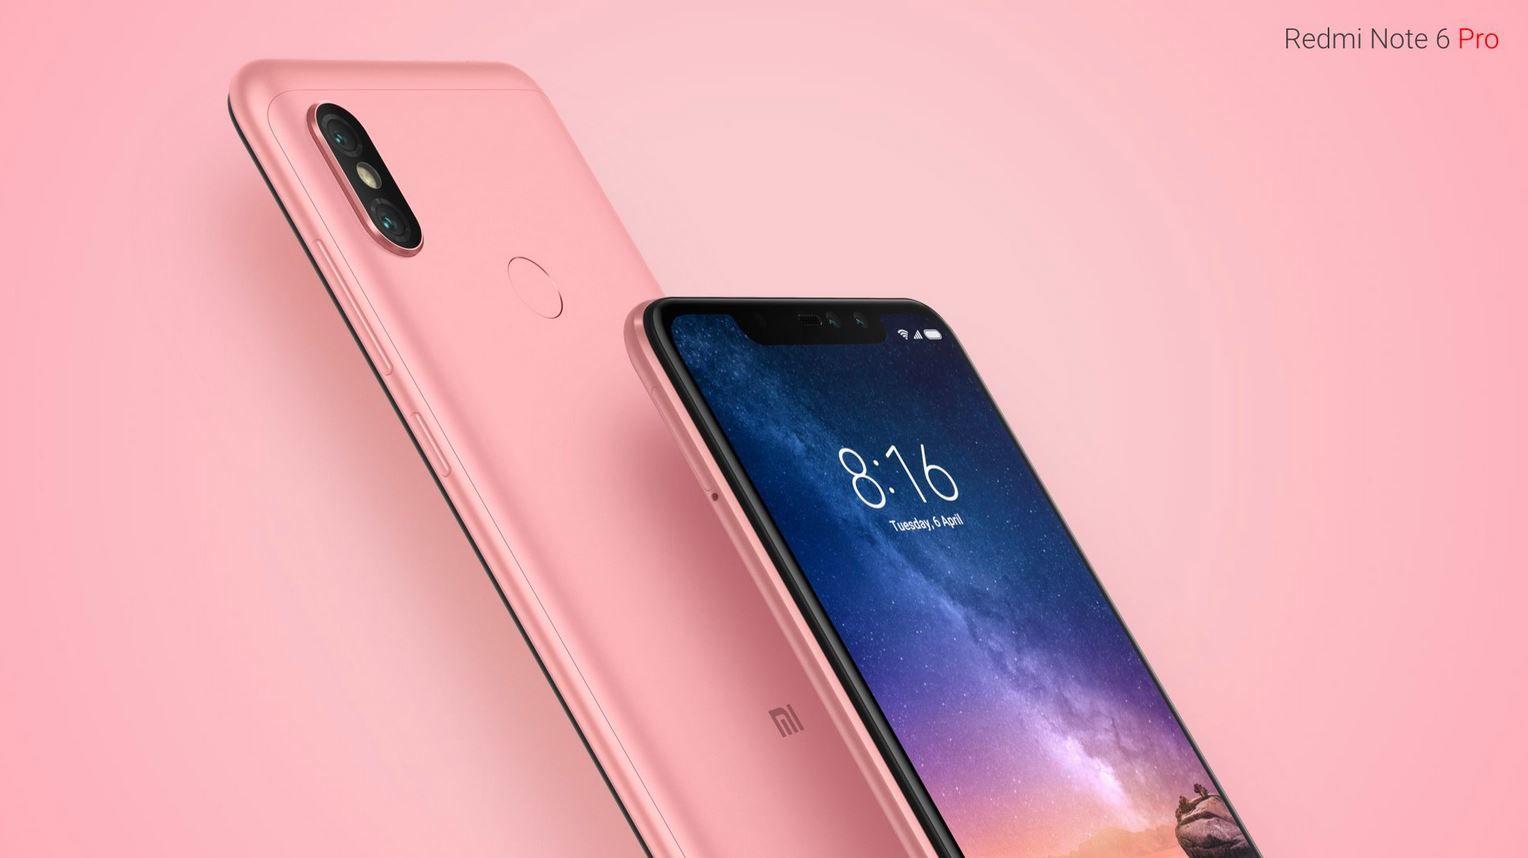 Xiaomi Redmi Note 6 Pro Rose Gold